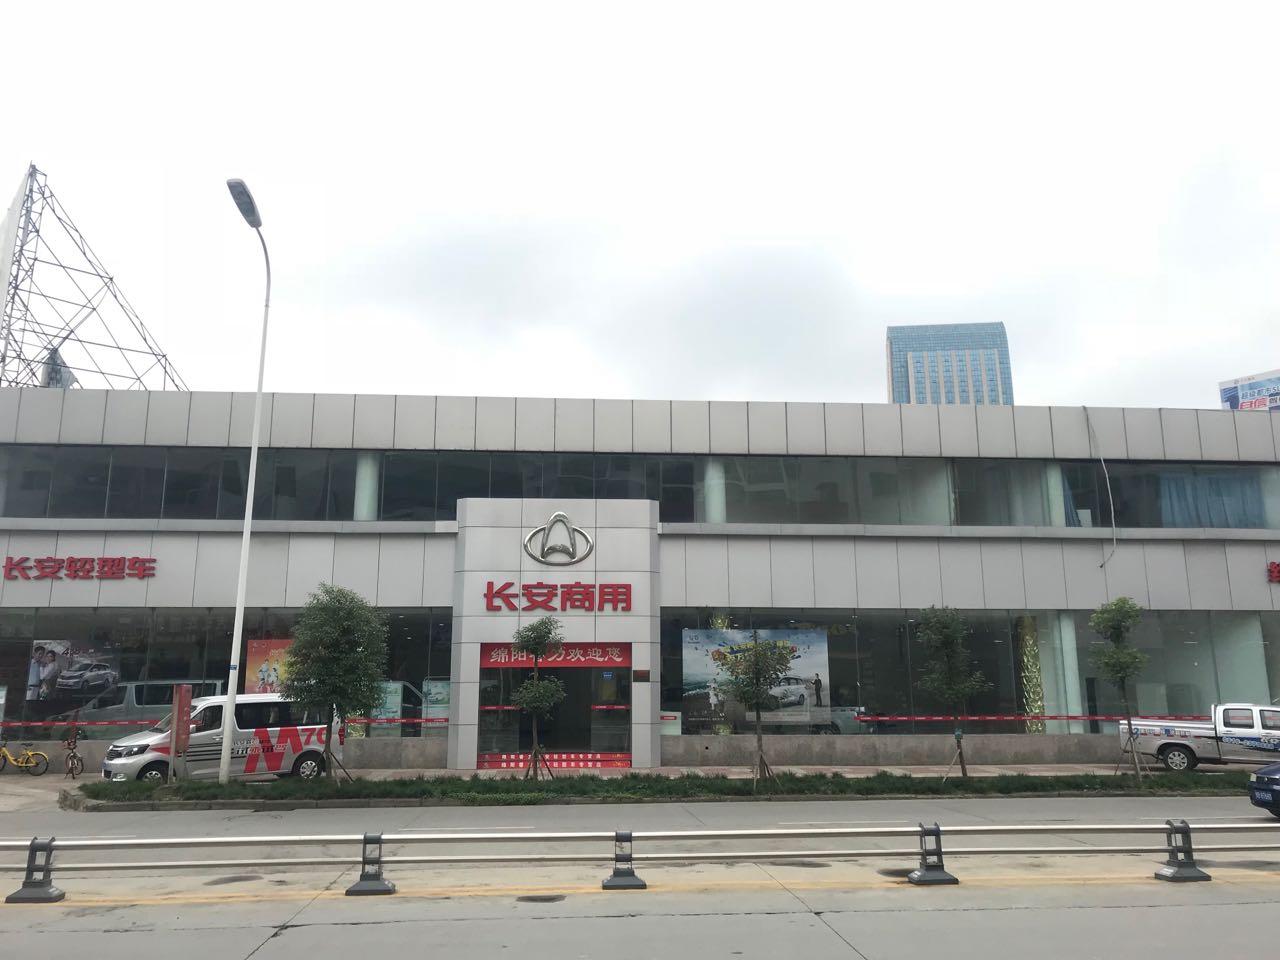 綿陽睿力汽車銷售服務有限公司